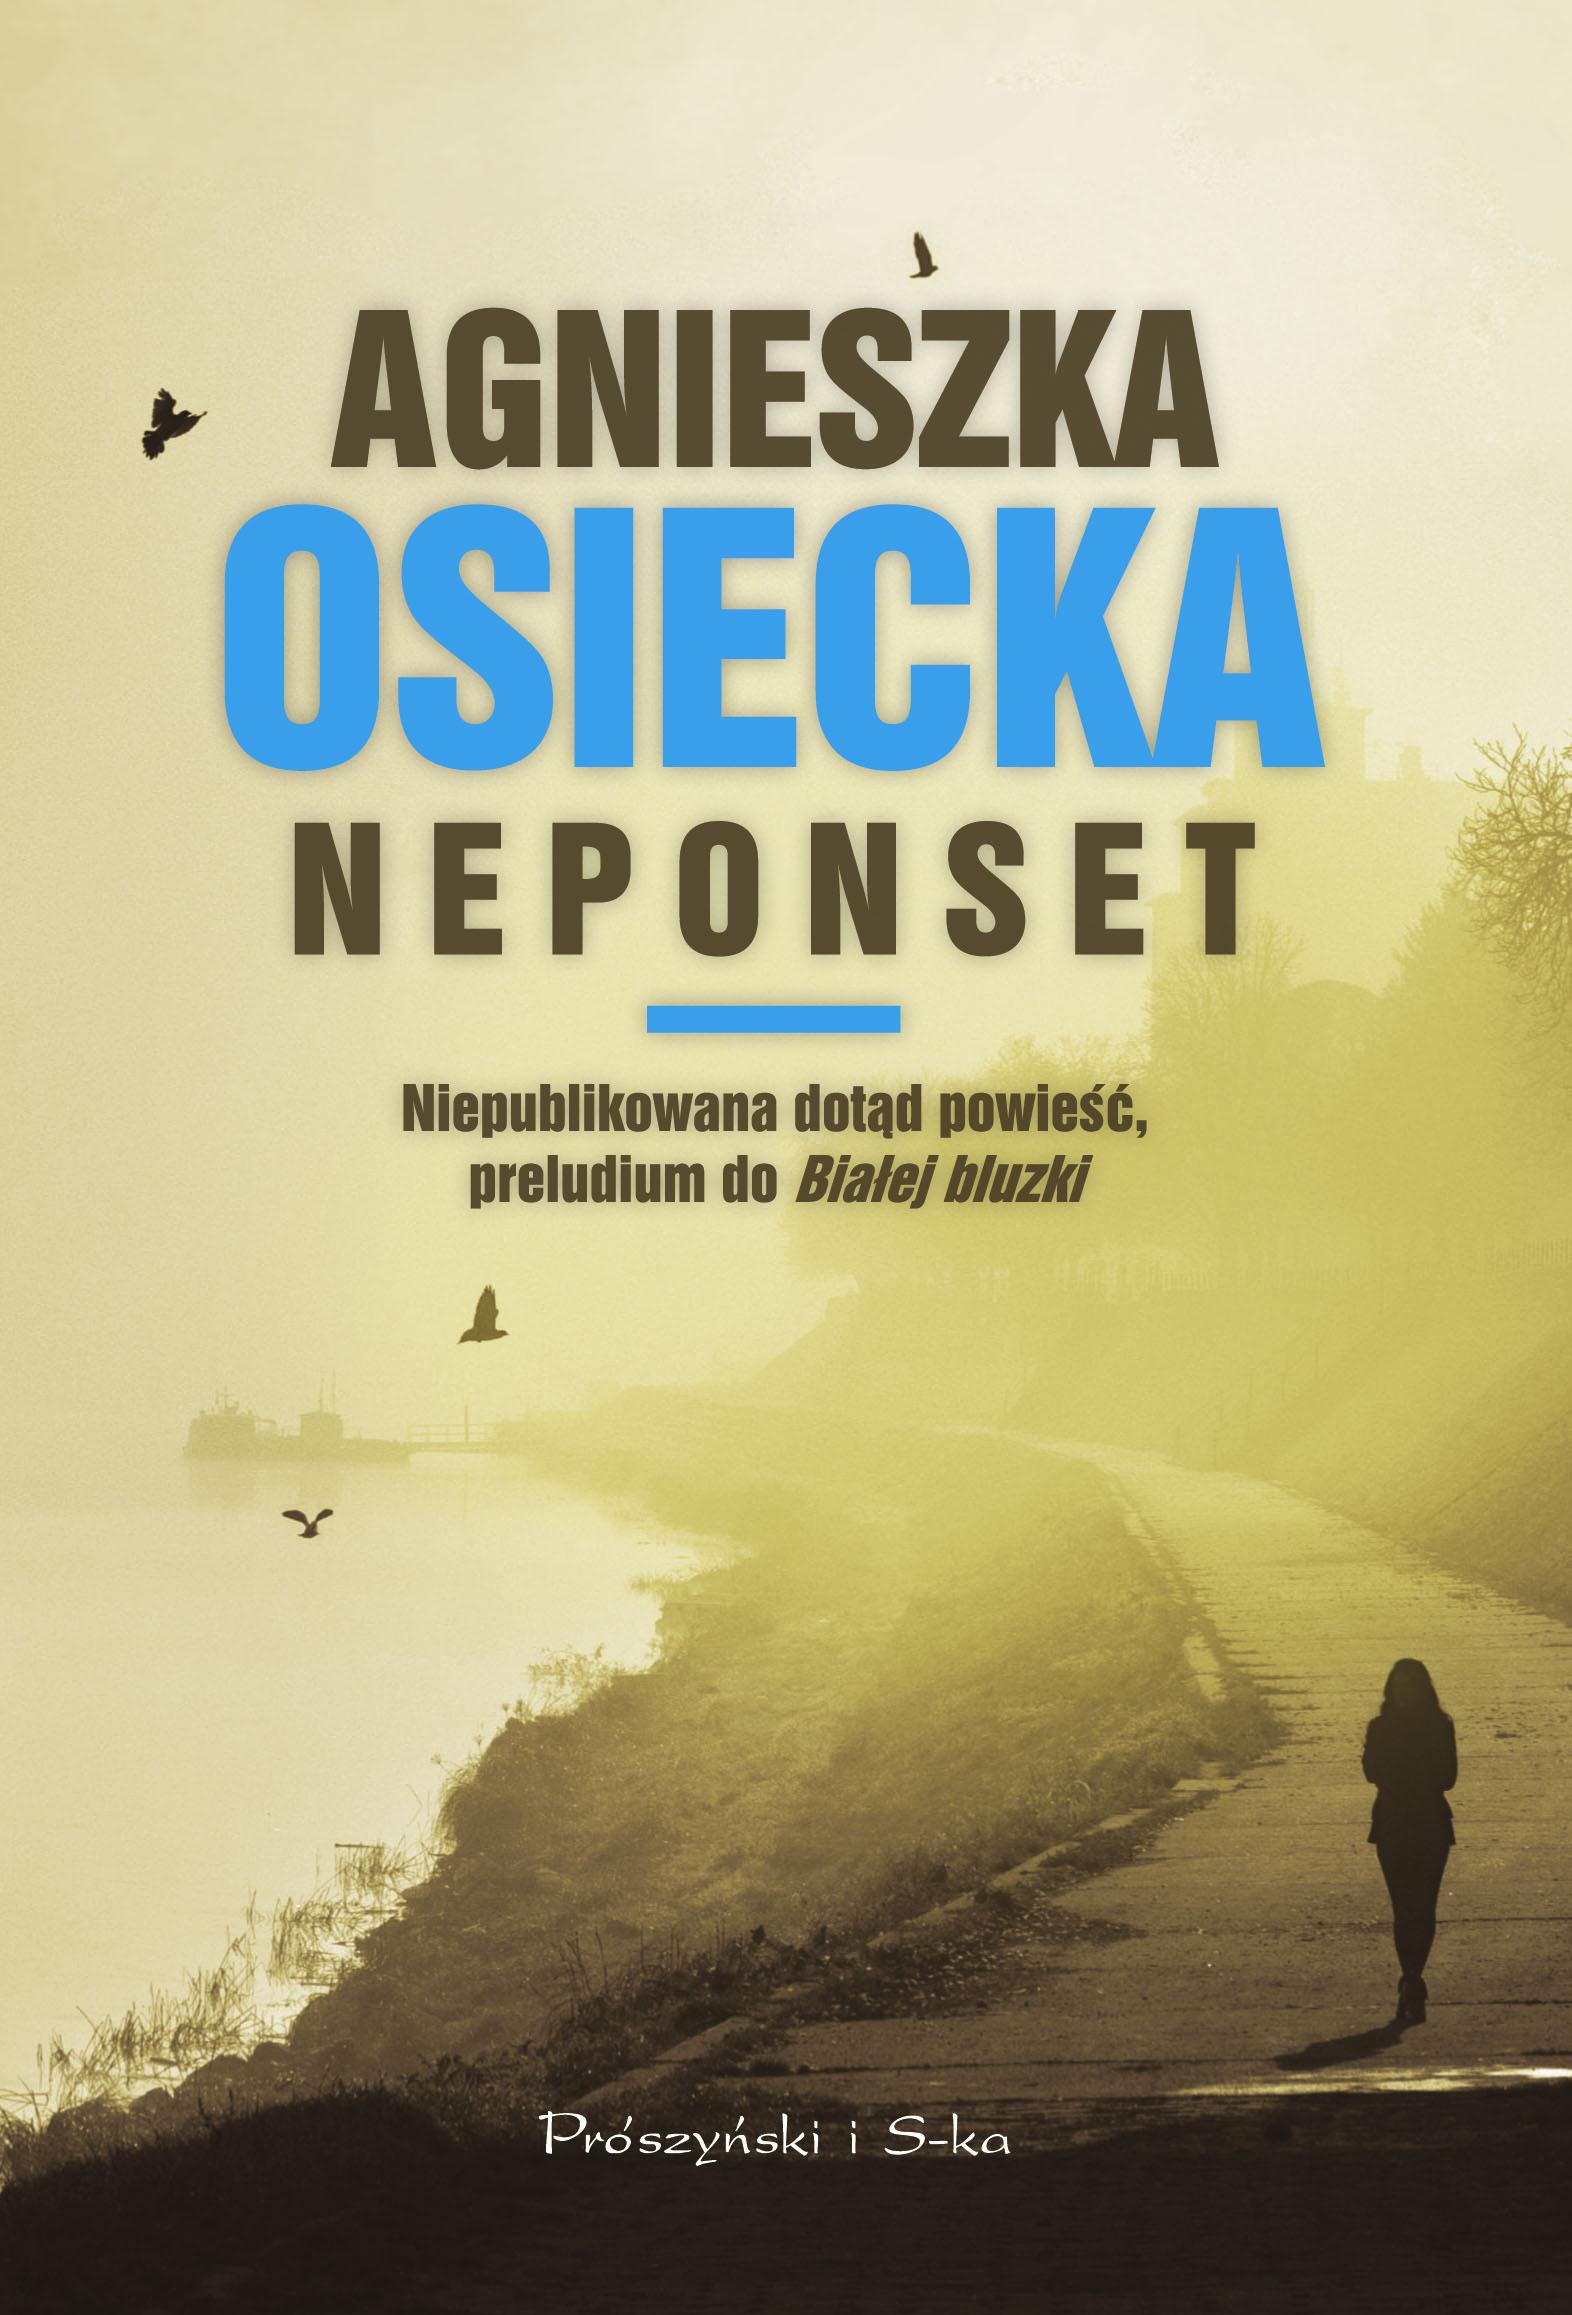 """Agnieszka Osiecka, """"Neponset"""" – okładka książki (źródło: materiały prasowe wydawcy)"""